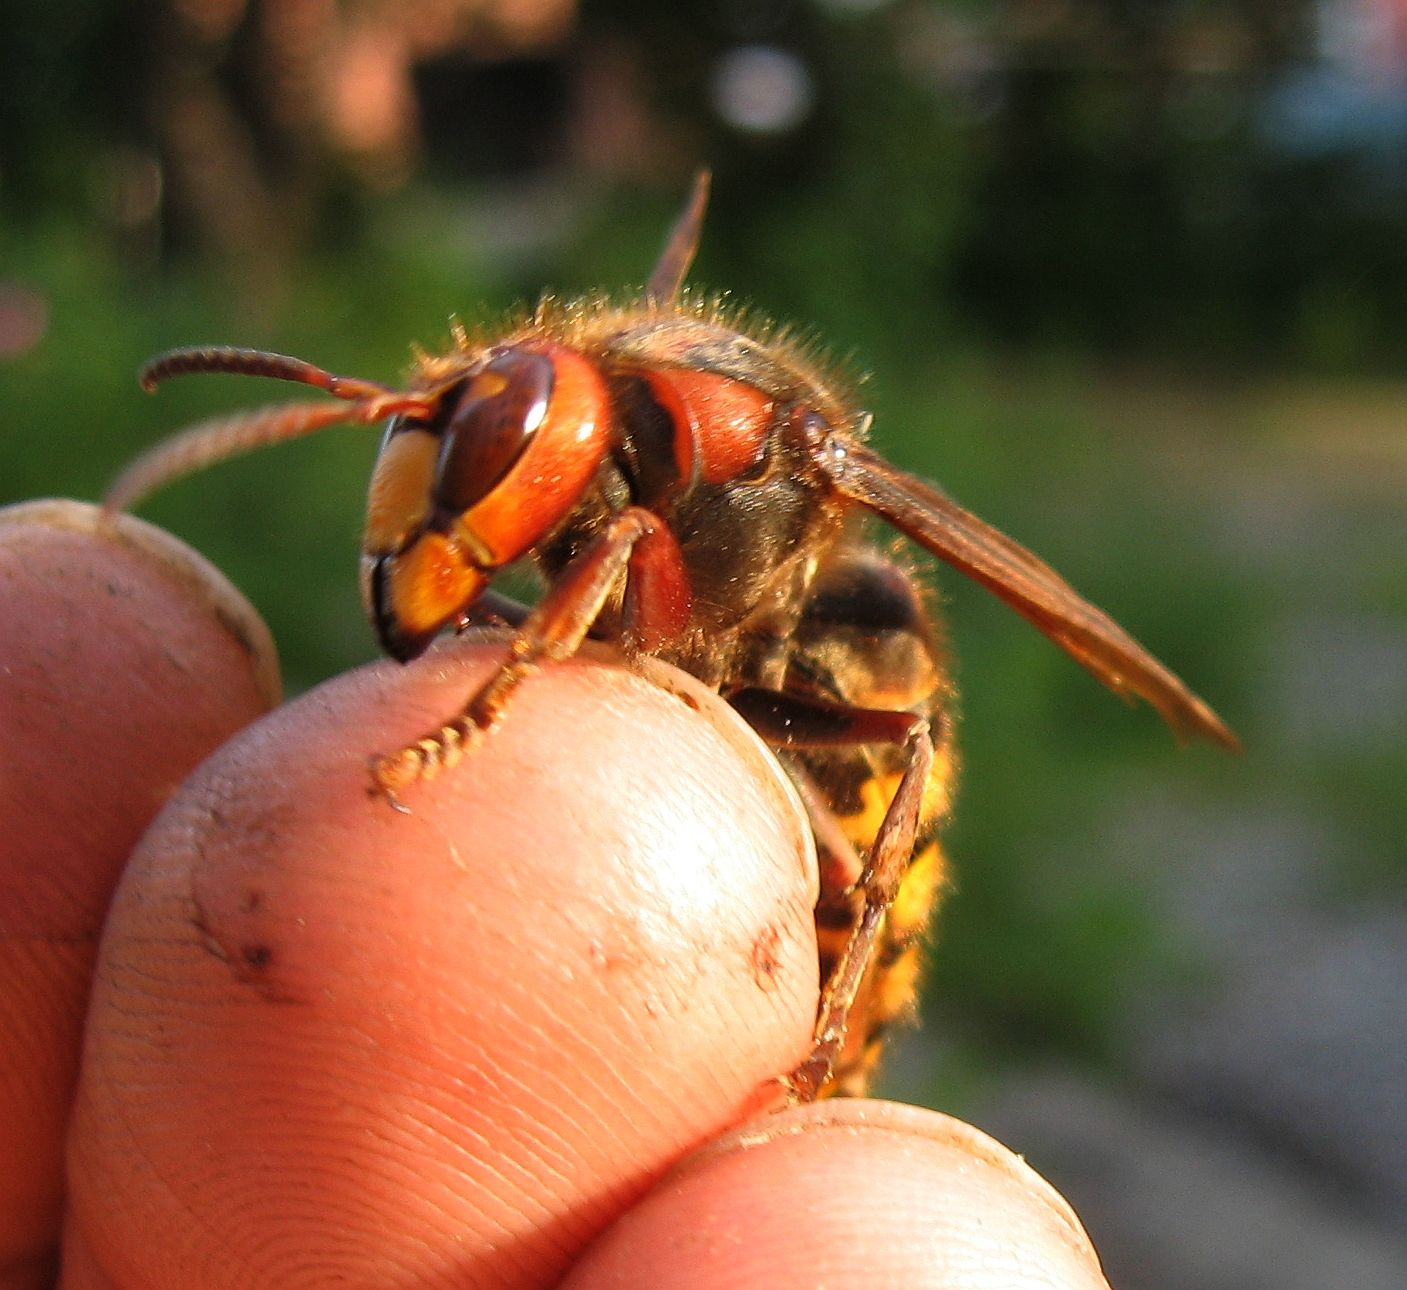 c9346e9543161329fcd04a23c39f1371 - How To Get A Pest Control License In Georgia